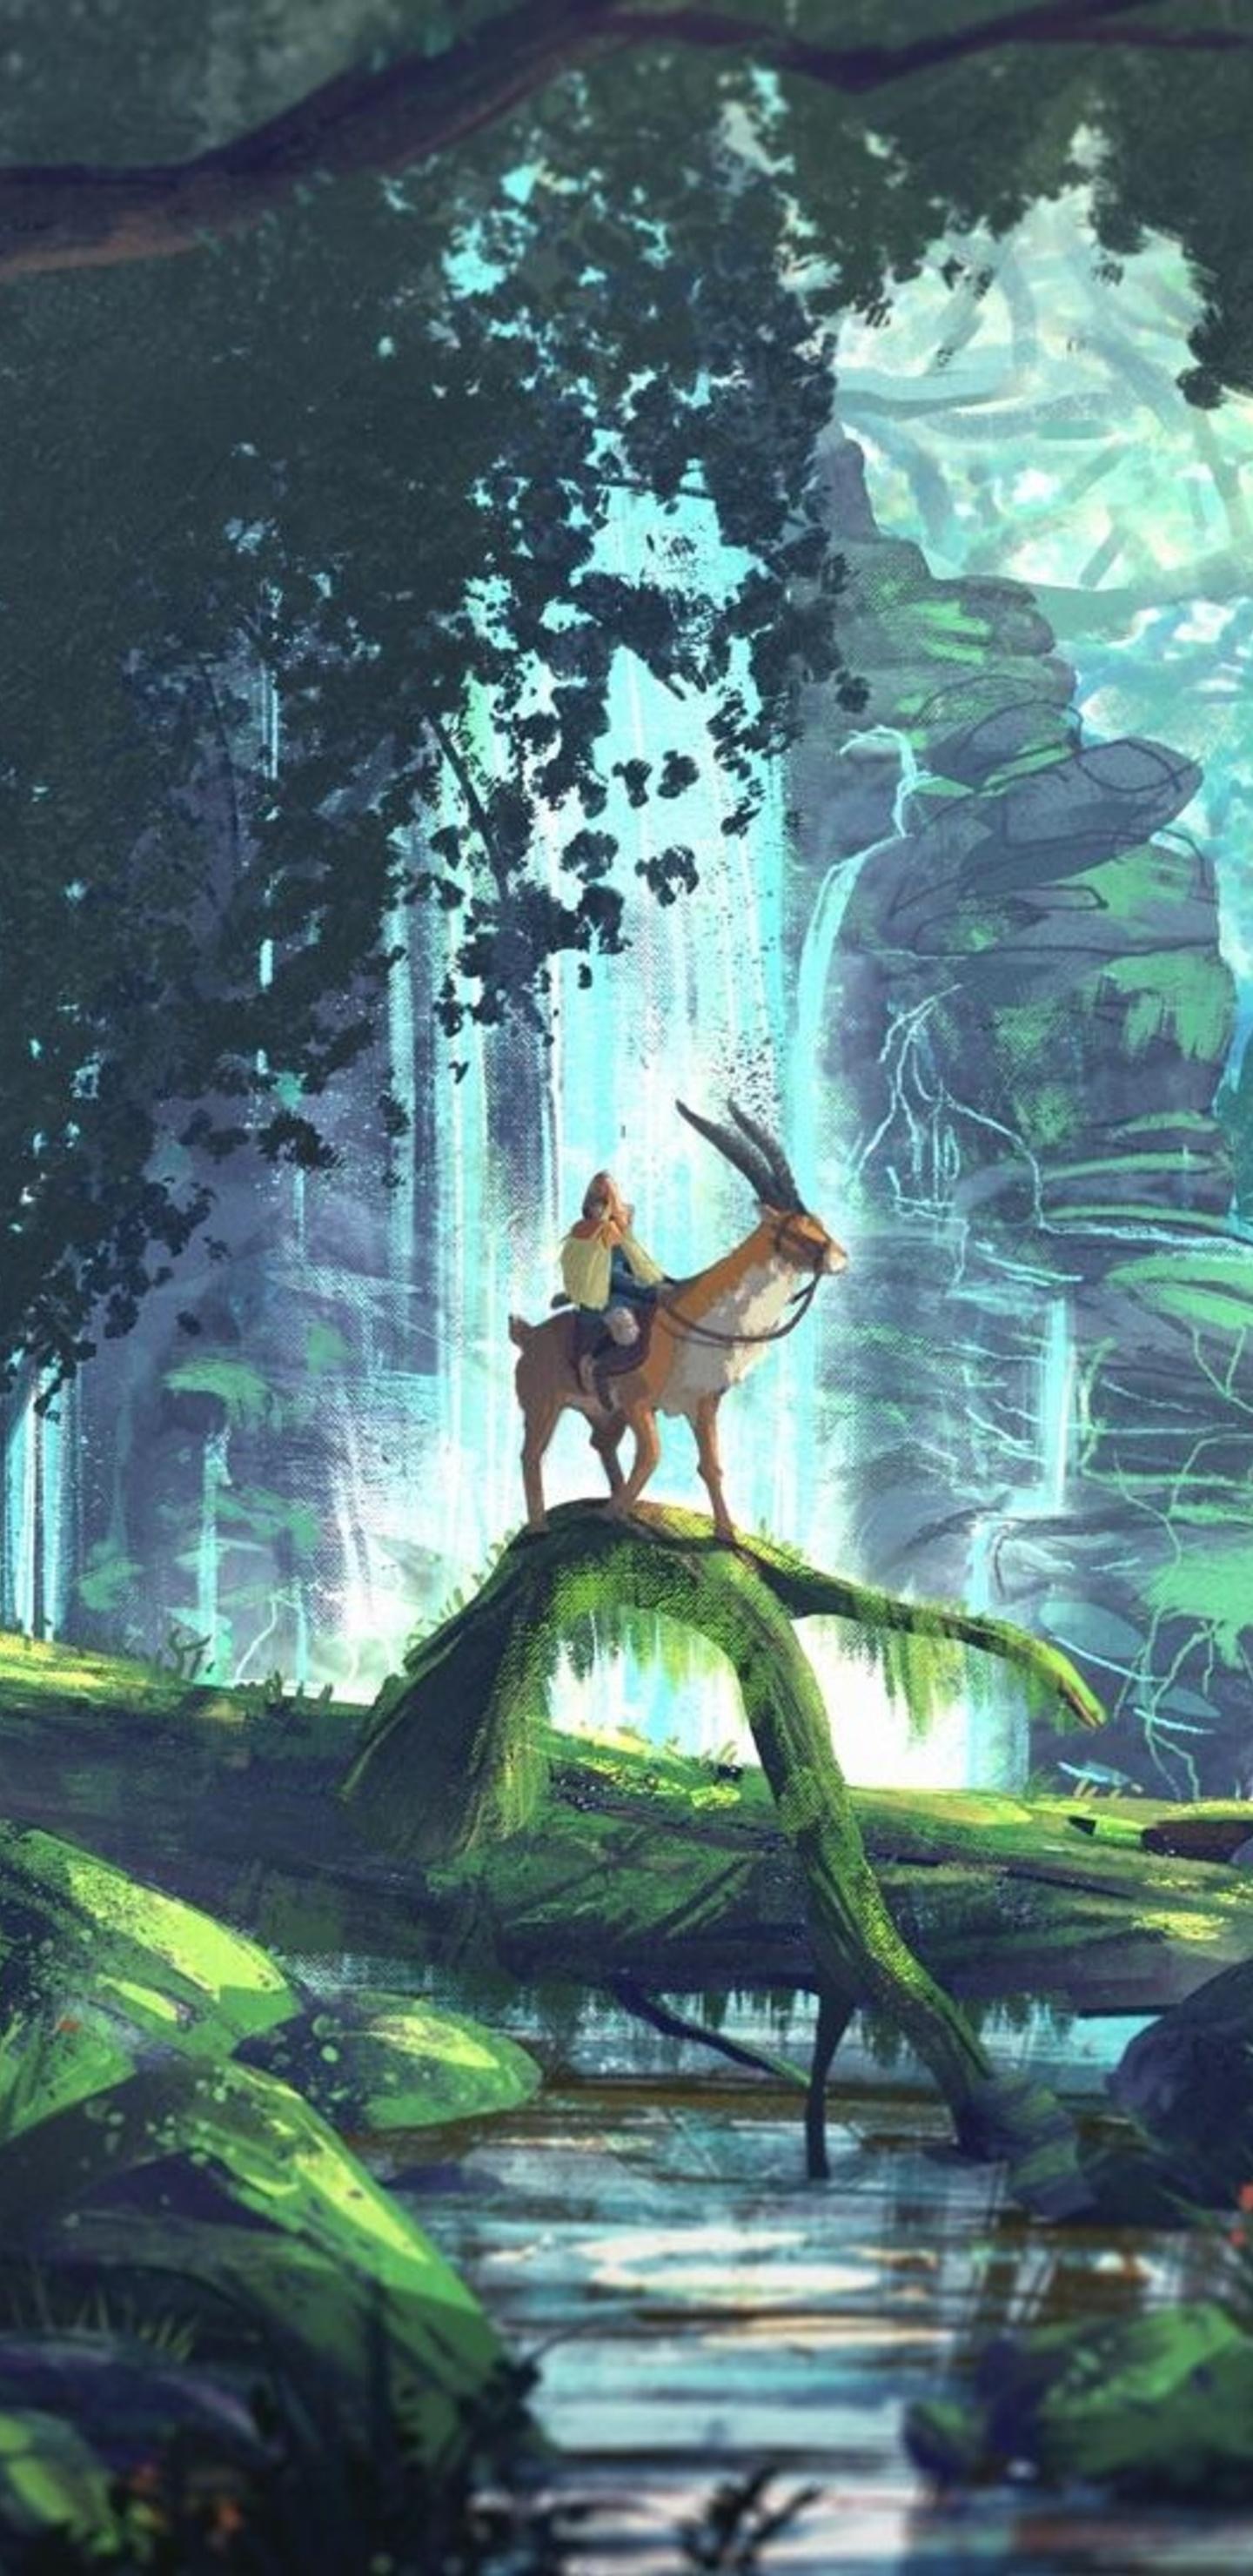 Princess Mononoke 1440x2960 Download Hd Wallpaper Wallpapertip